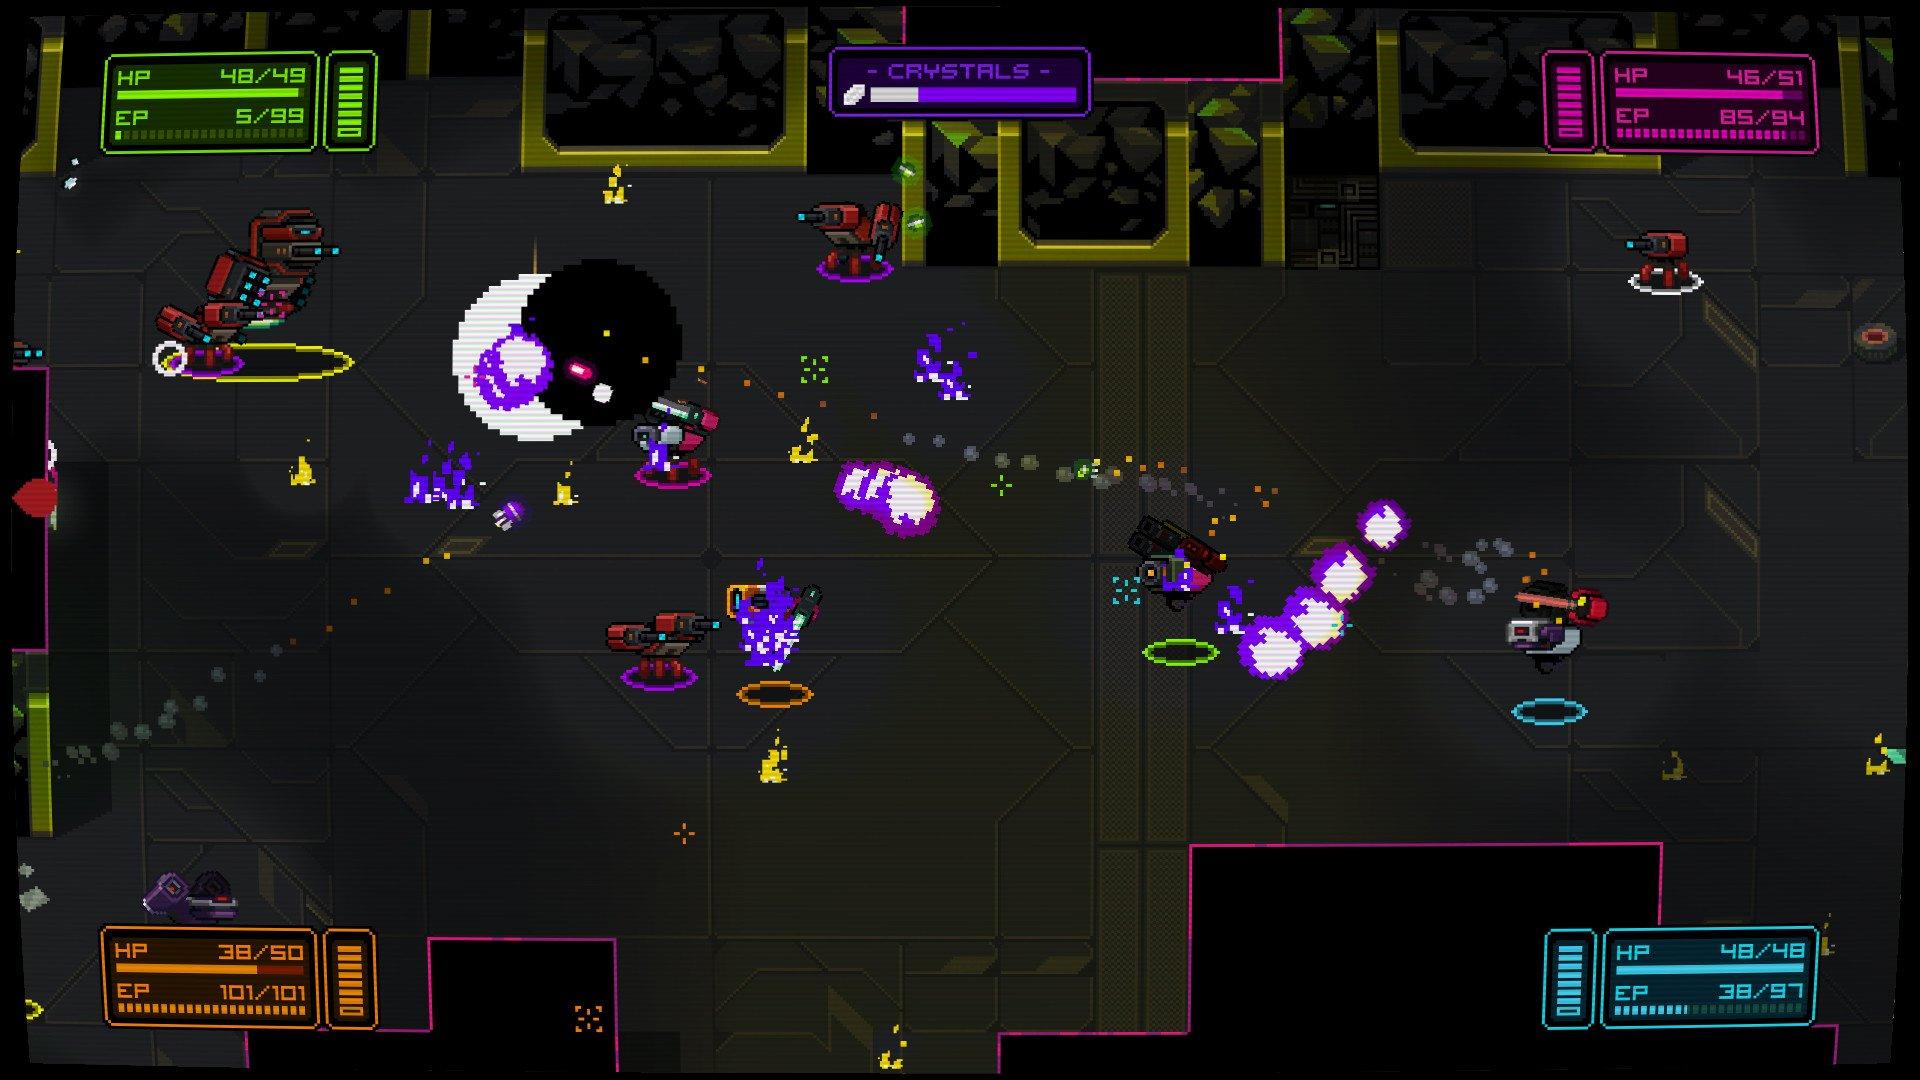 NeuroVoider [Steam key | Region free] 2019